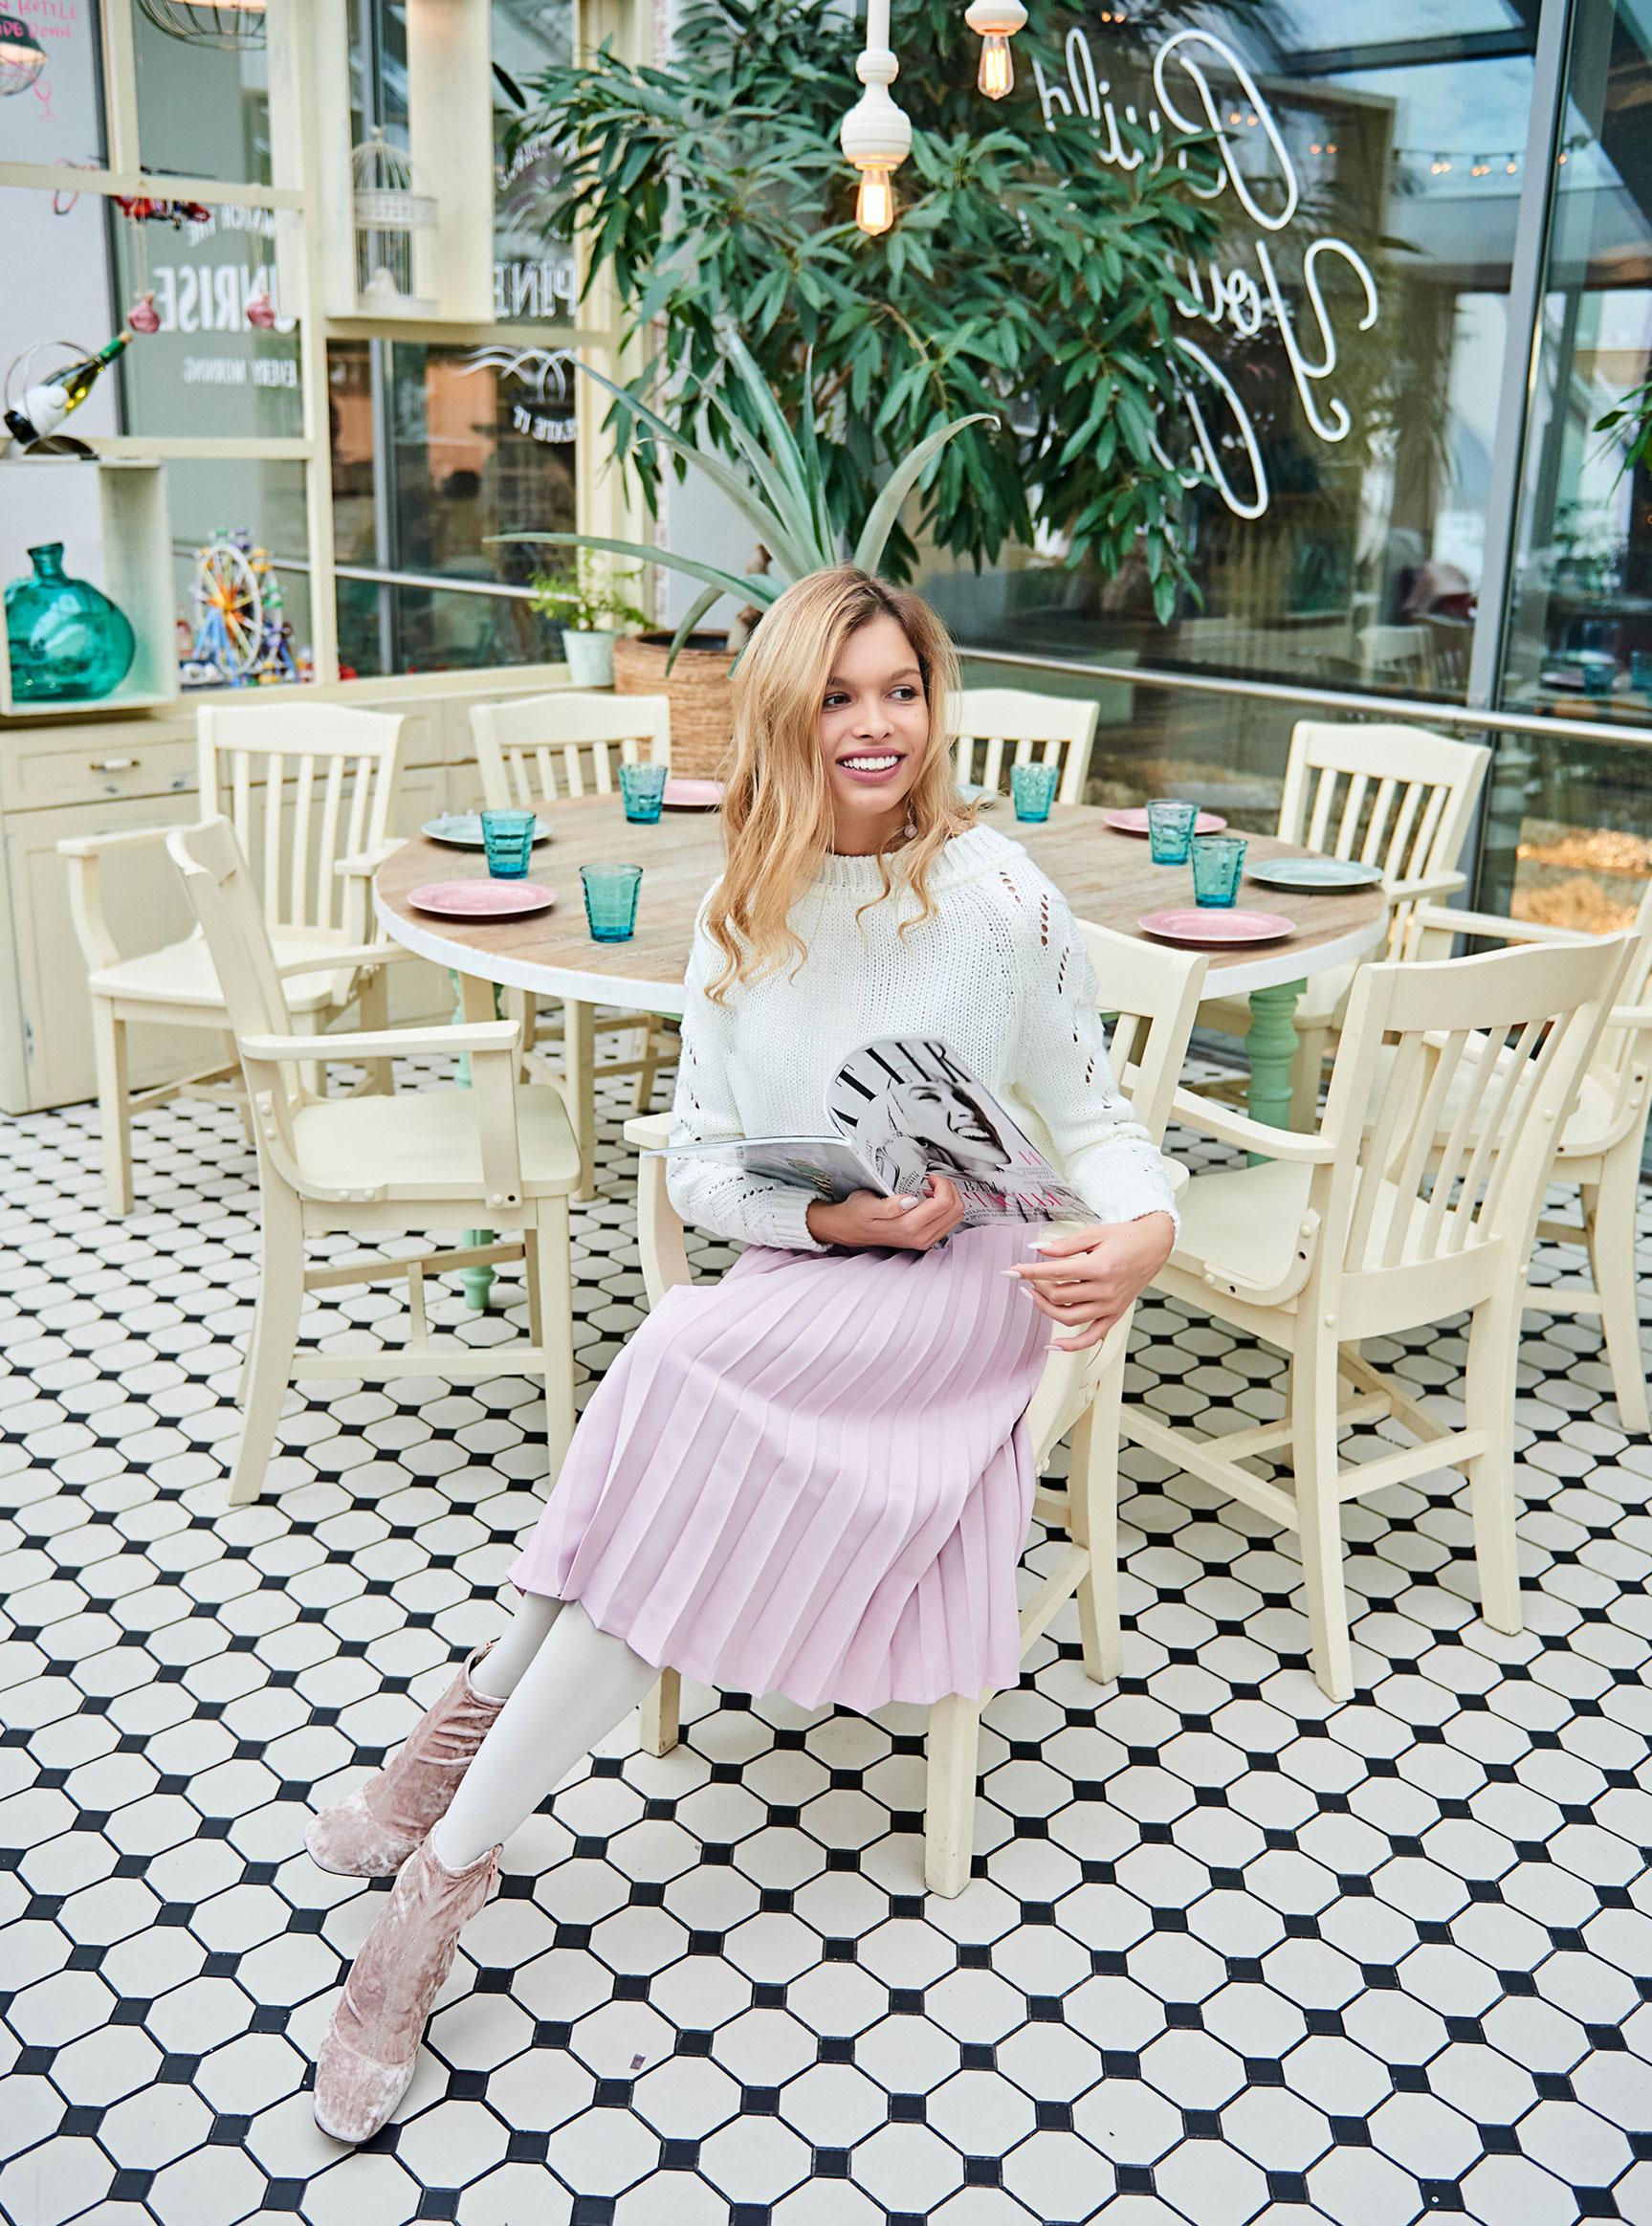 Анна Шорникова демонстрирует новогодние модели женской одежды модного бренда T-Skirt / фото 10